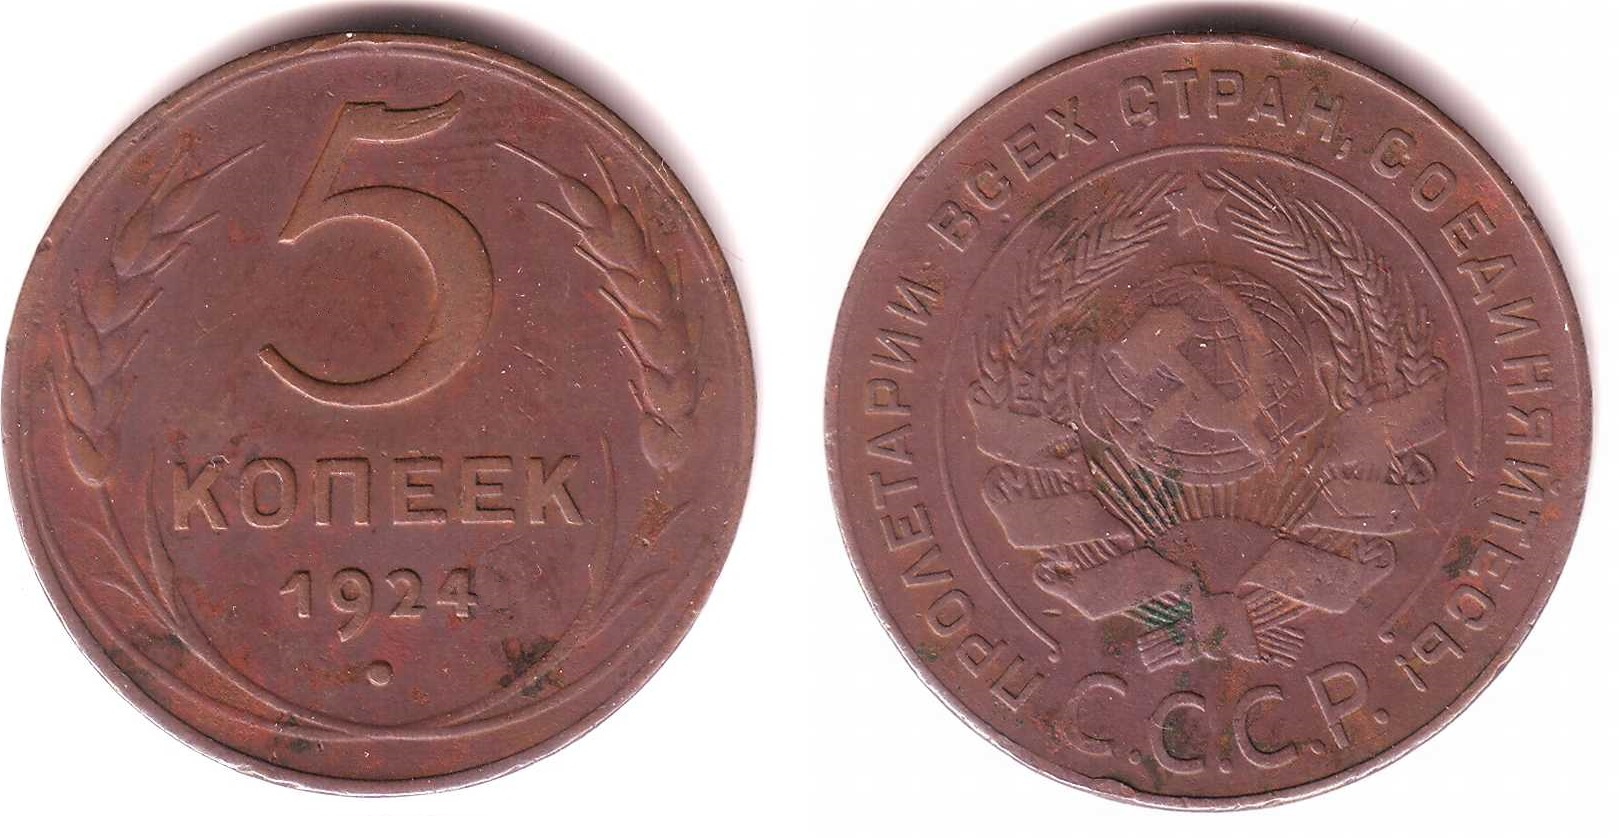 Монета СССР 1924 года выпуска номиналом 5 копеек